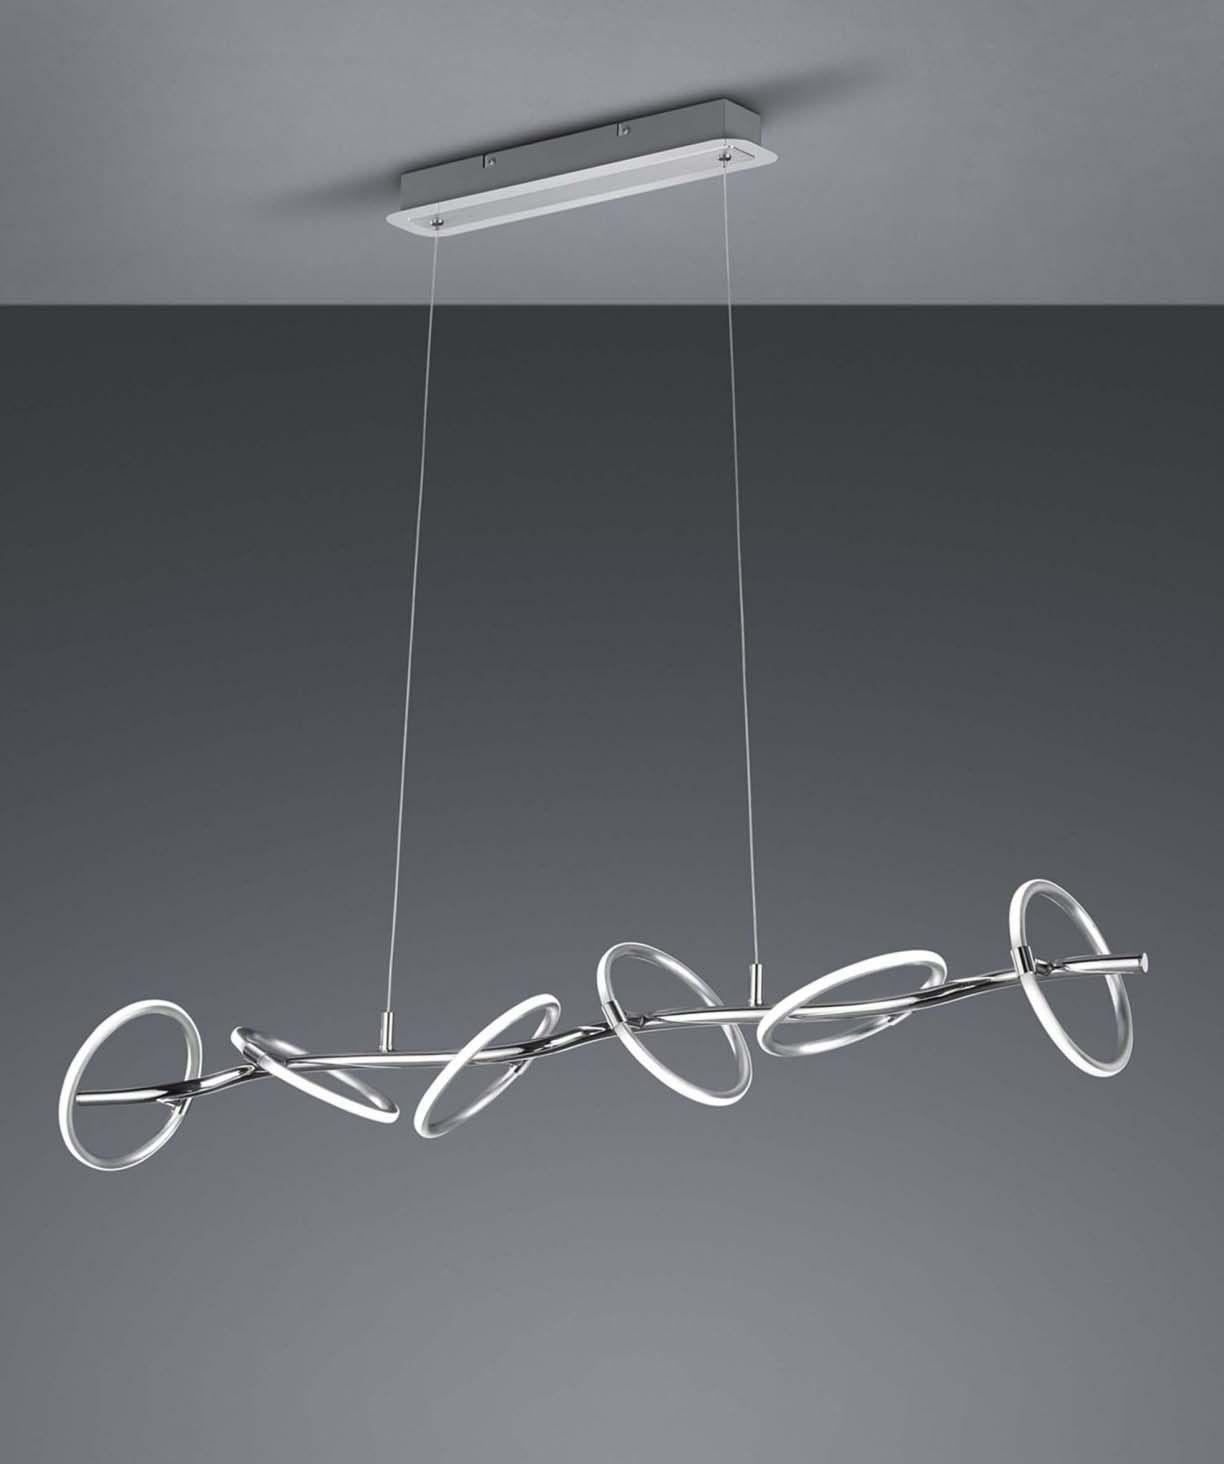 Lampadario A Led Moderno.Lampadario A Led Moderno 6 Luci Design Trio 370910606